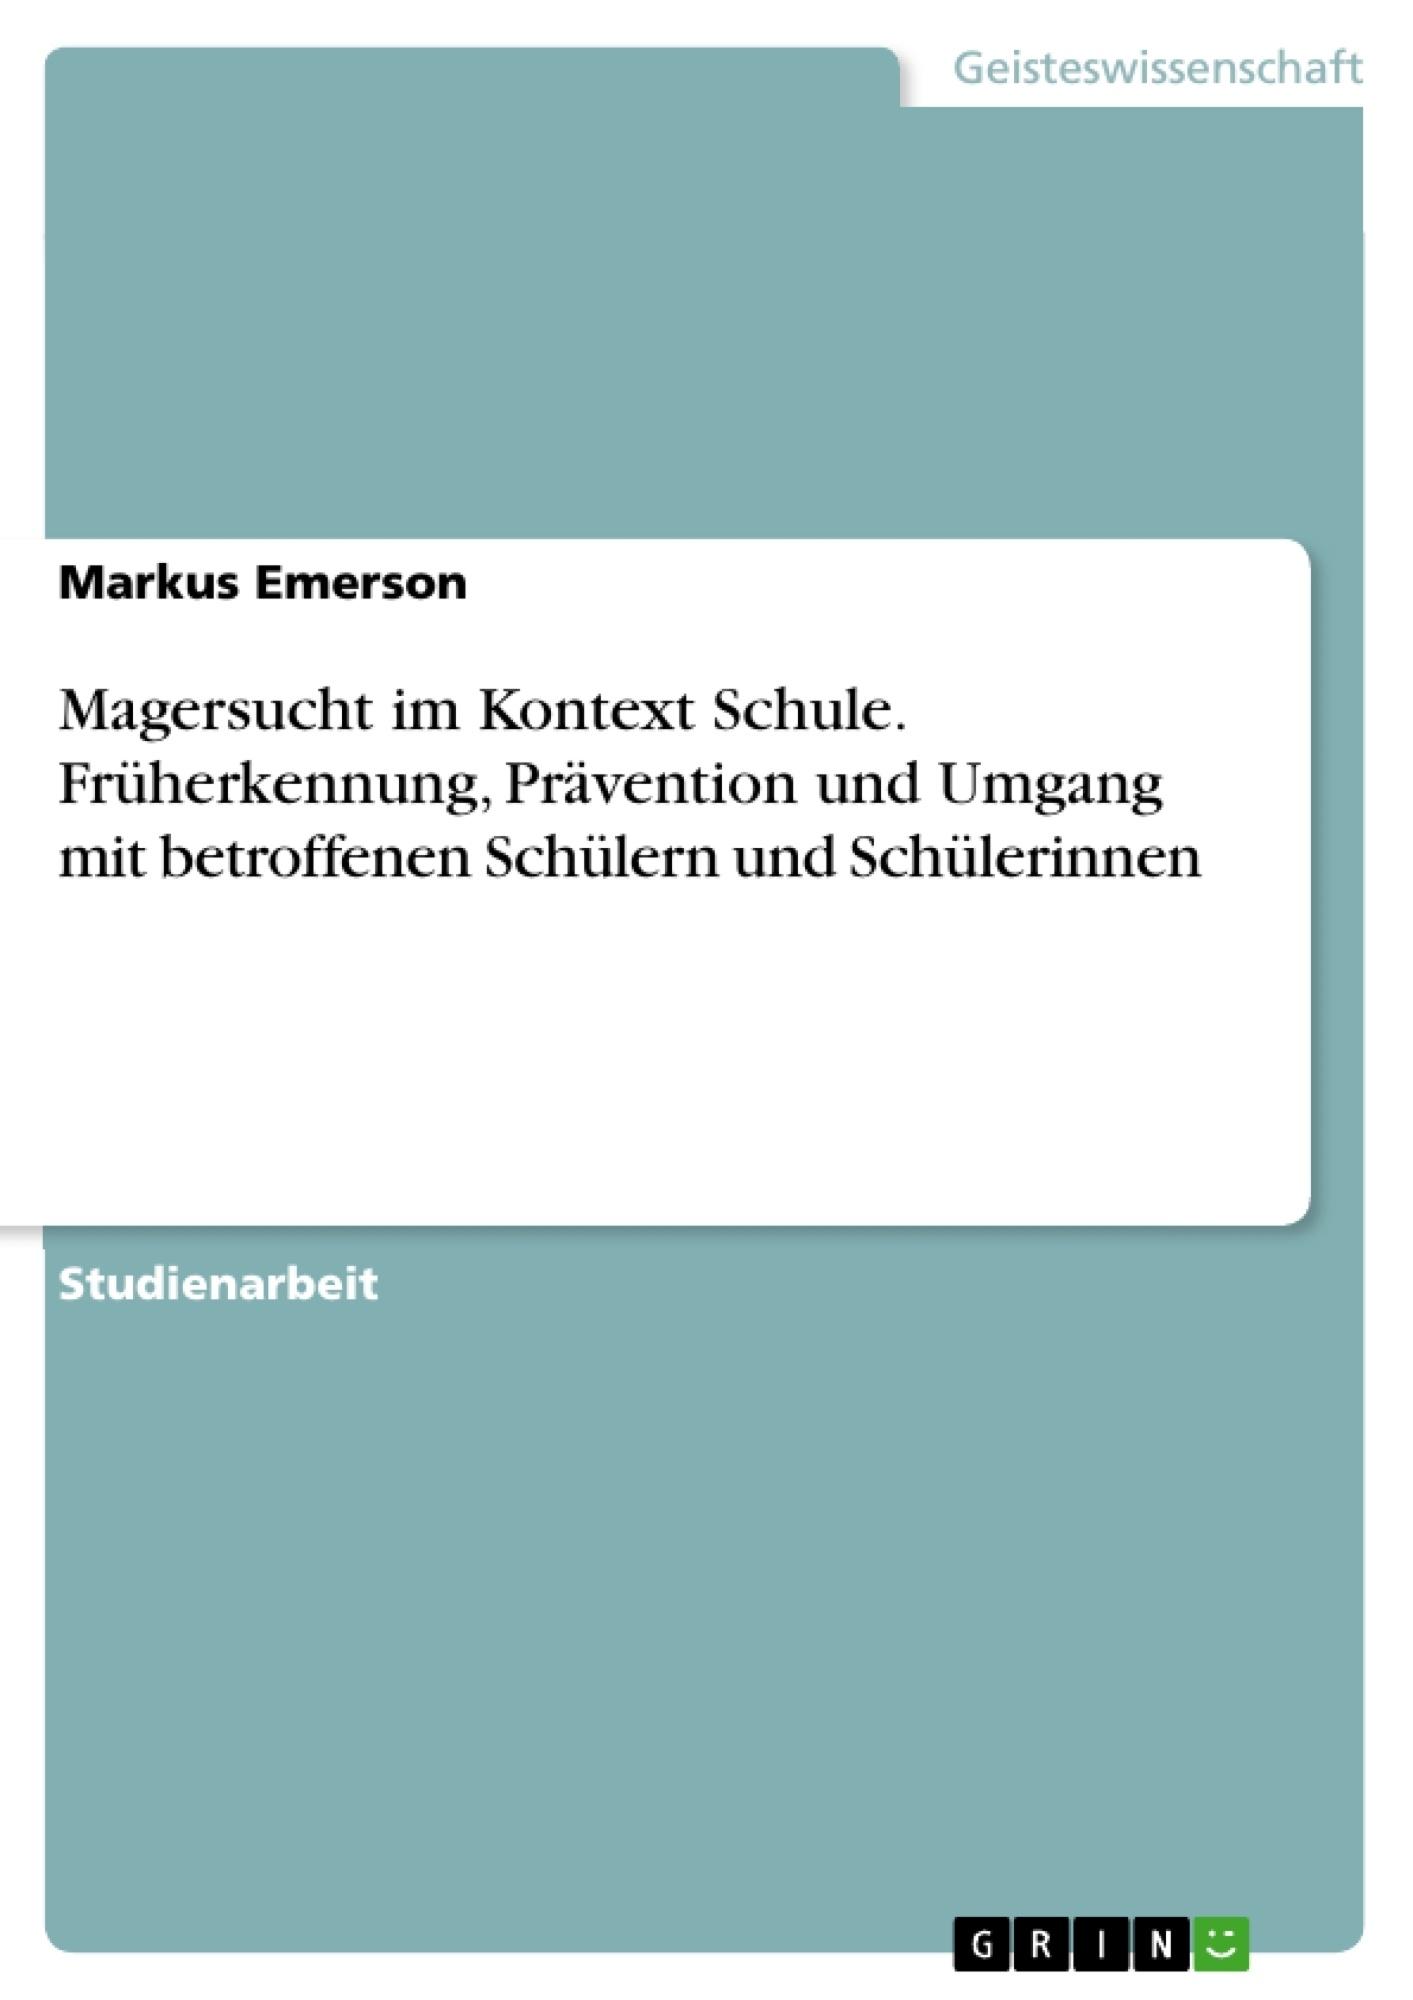 Titel: Magersucht im Kontext Schule. Früherkennung, Prävention und Umgang mit betroffenen Schülern und Schülerinnen